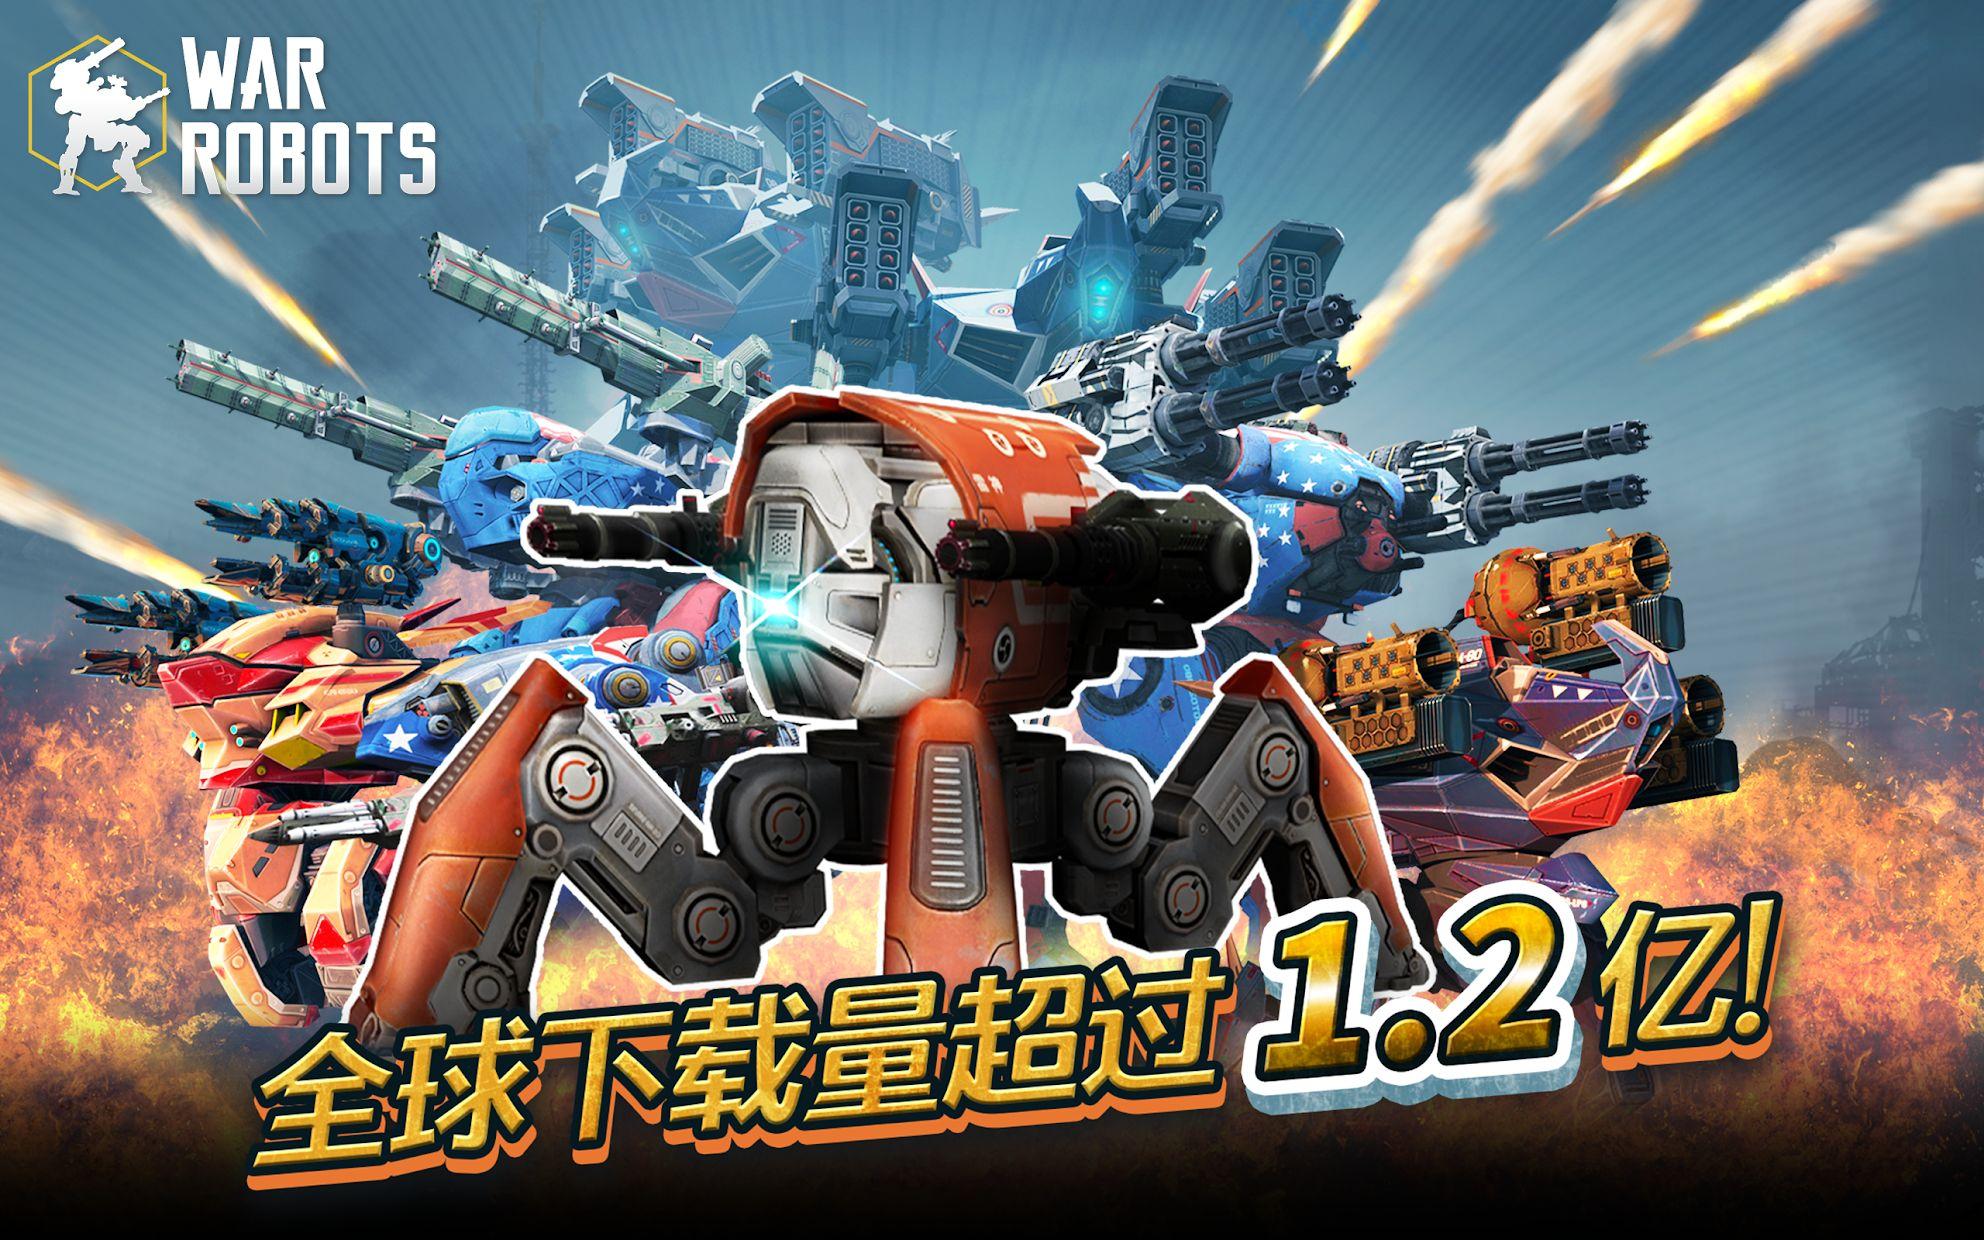 机器人战争(War Robots) 游戏截图2